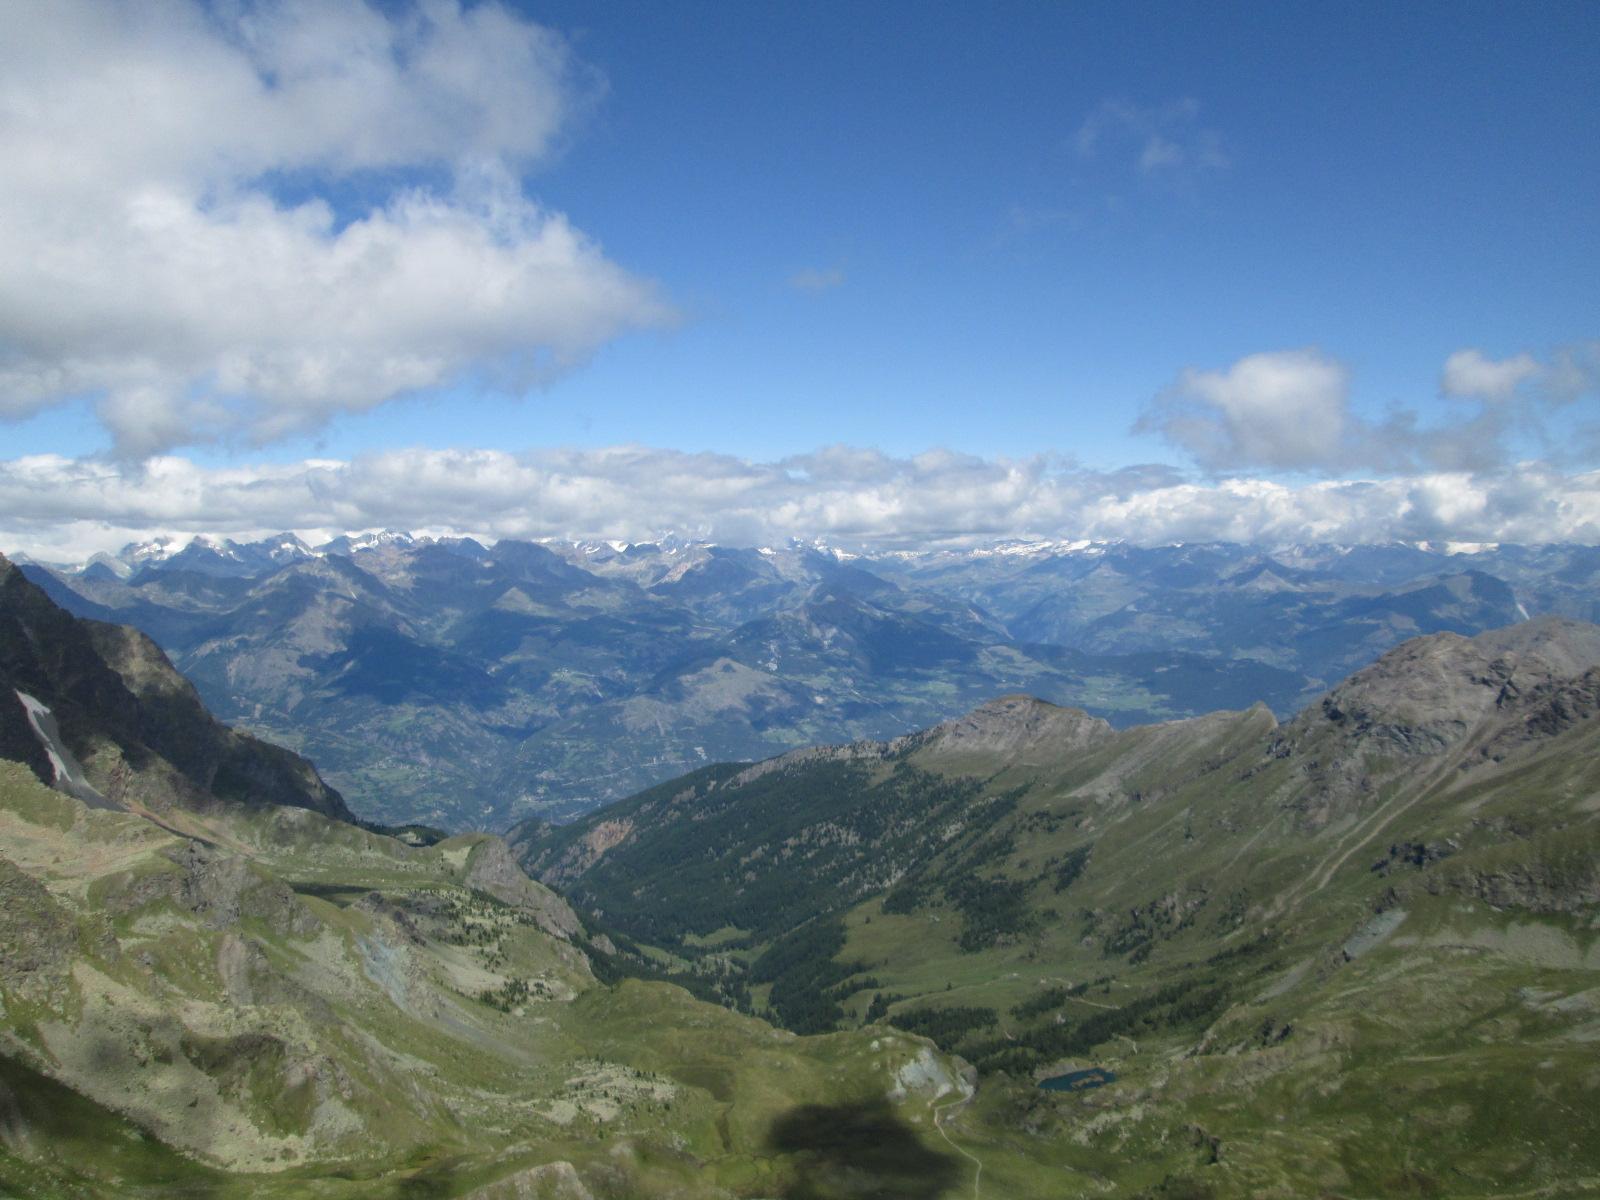 veduta verso la conca di Aosta